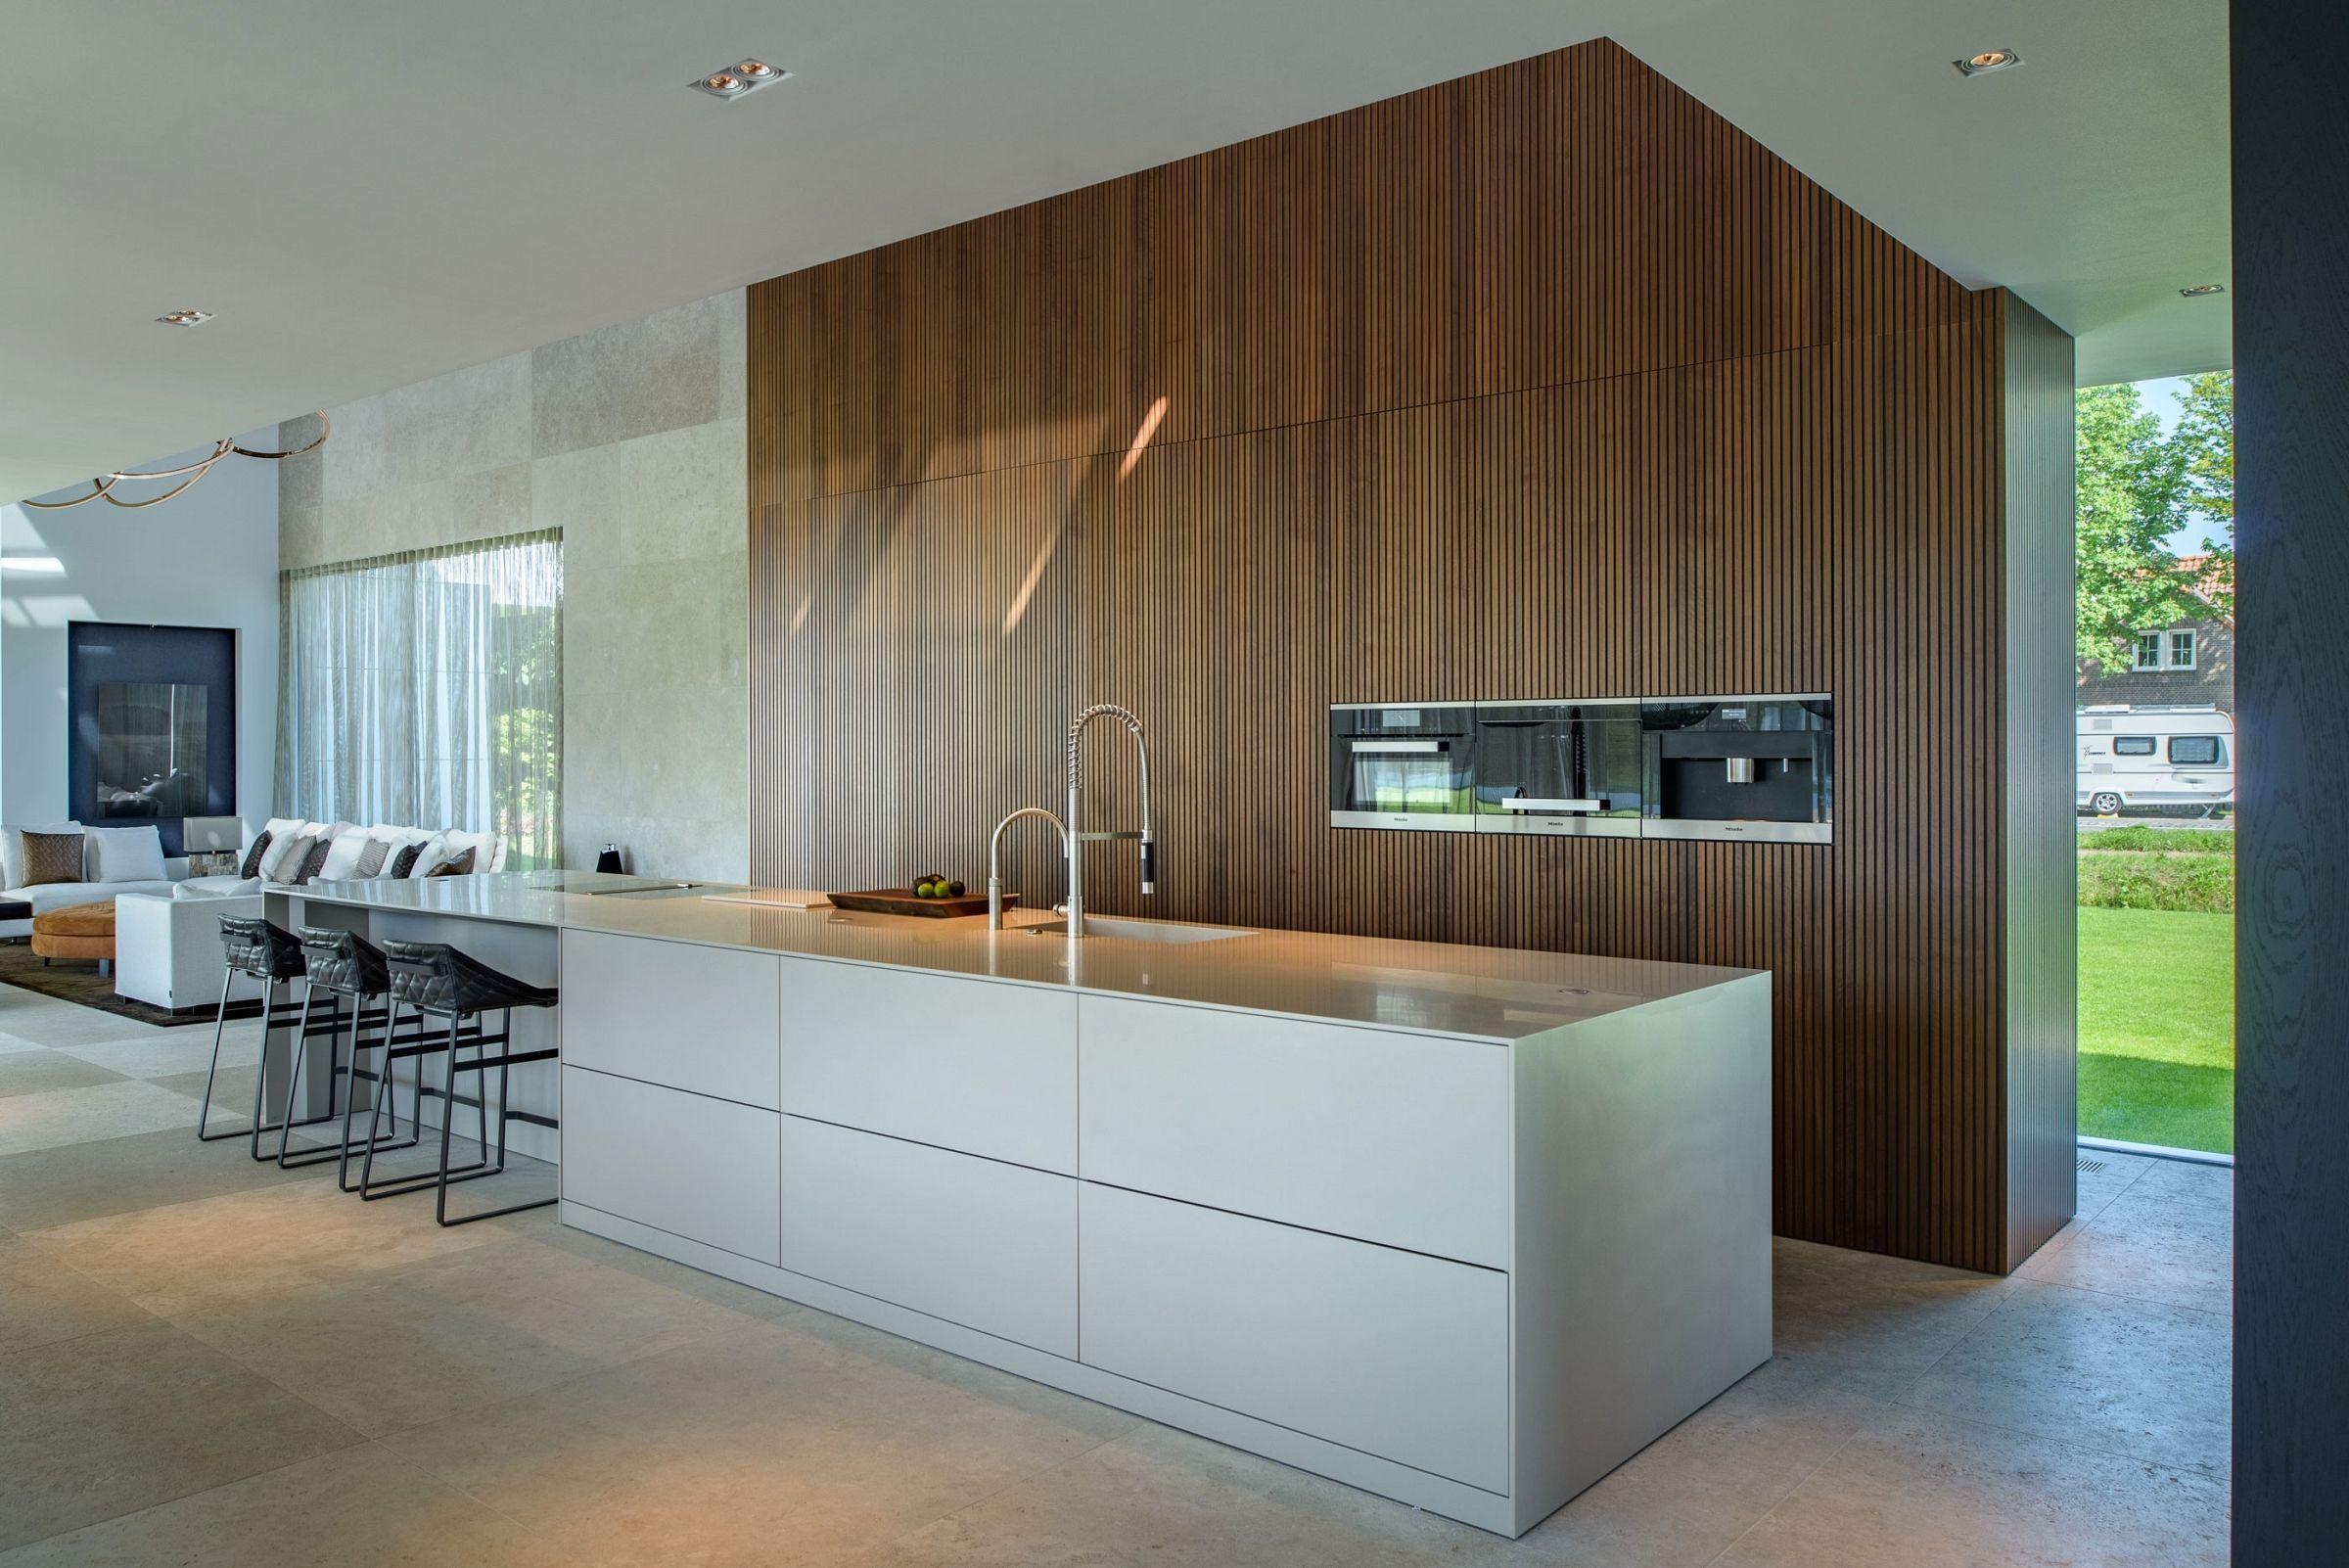 De Amerikaans Noten Keukenwand Is Functioneel Als Keukenkast, Roomdivider  En Trapwand. Het Eiland Is